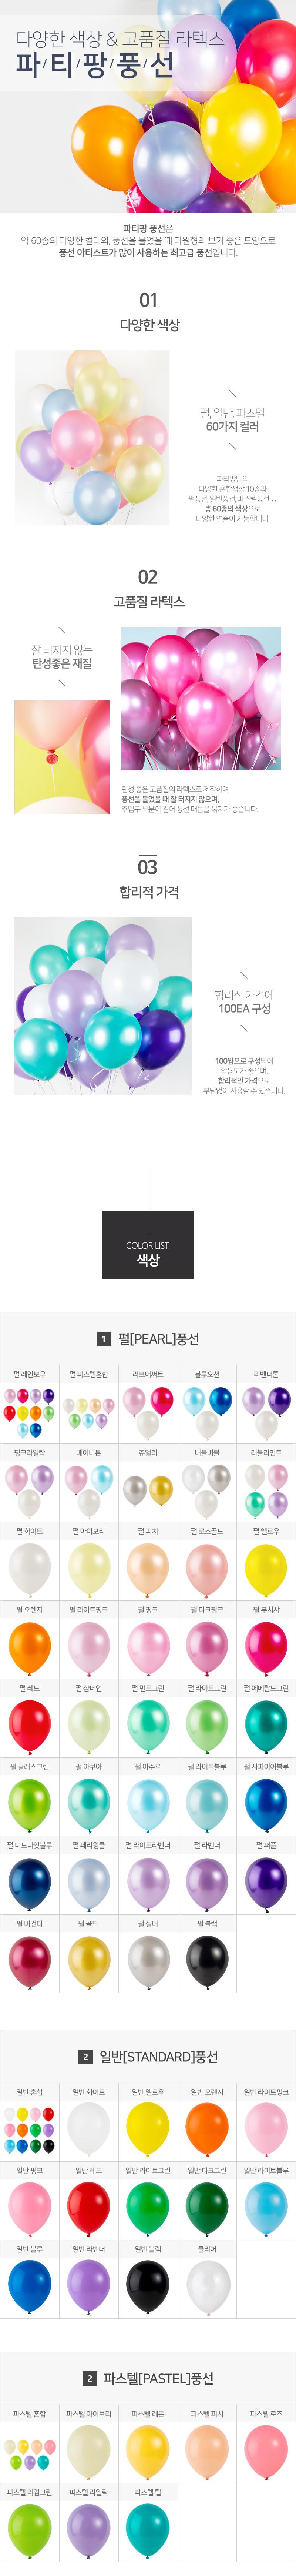 파티팡풍선 라운드 30cm 일반혼합 100입 _partypang - 파티팡, 12,000원, 파티용품, 풍선/세트